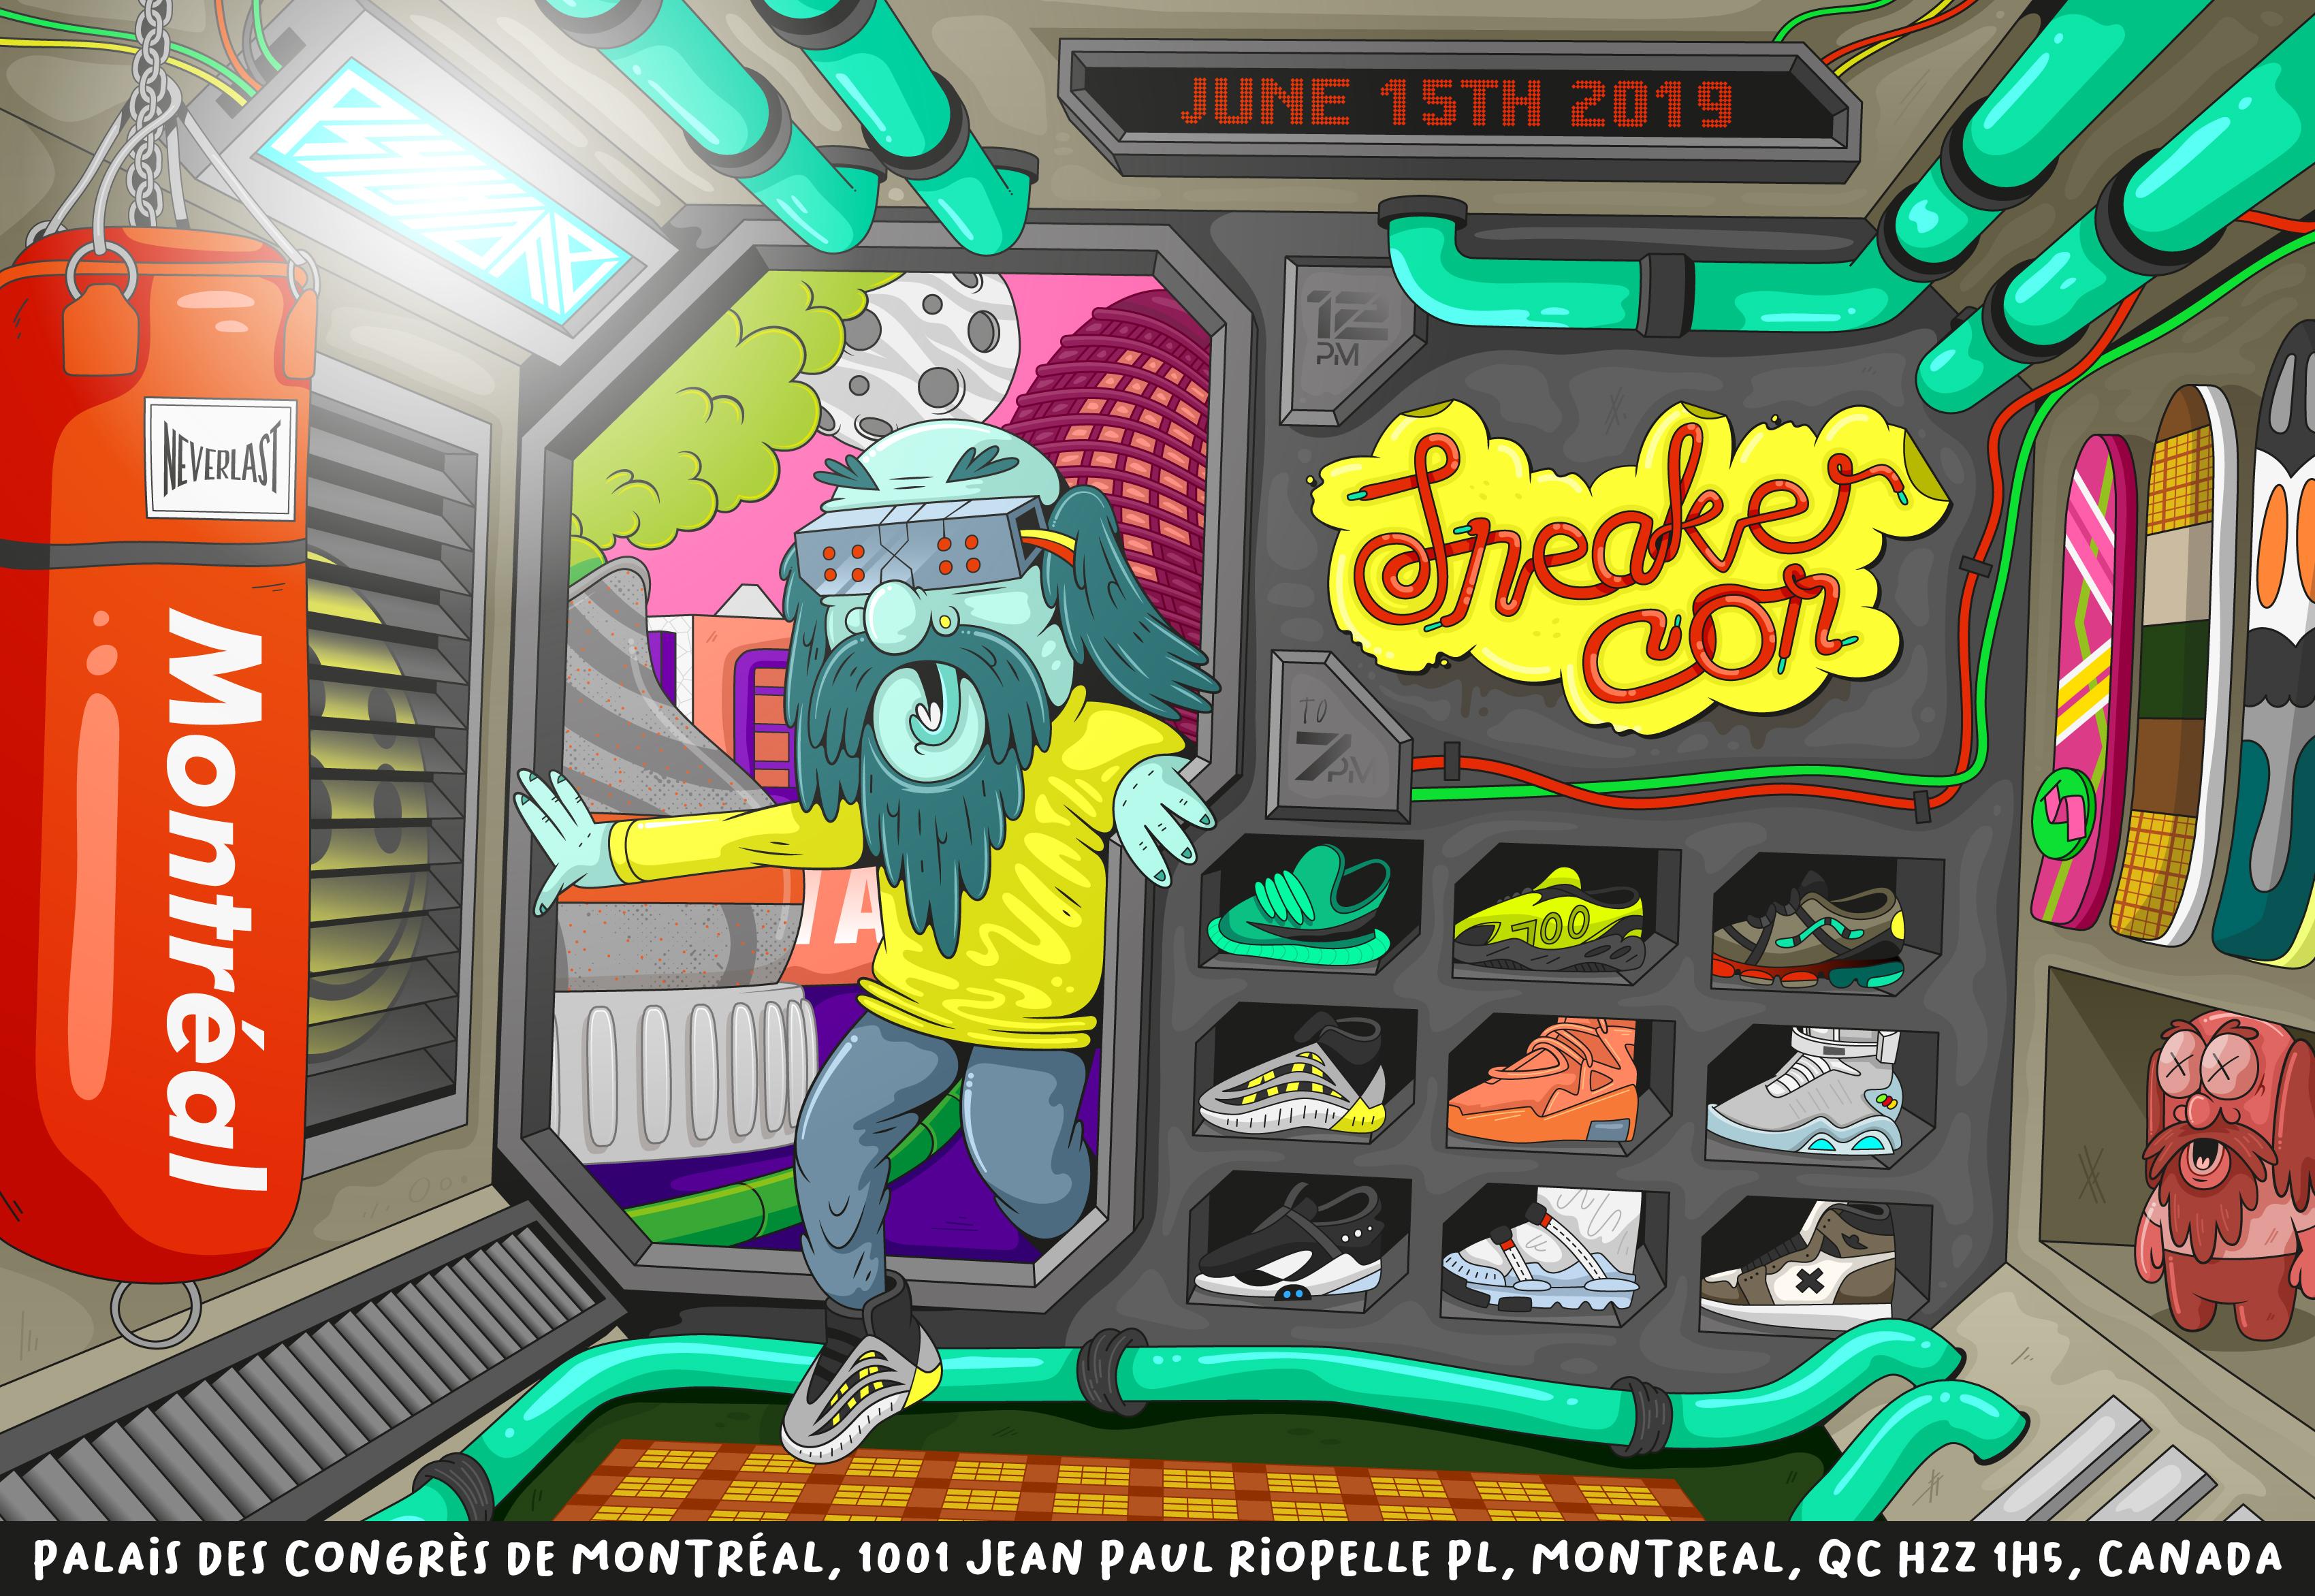 Sneaker Con - Events